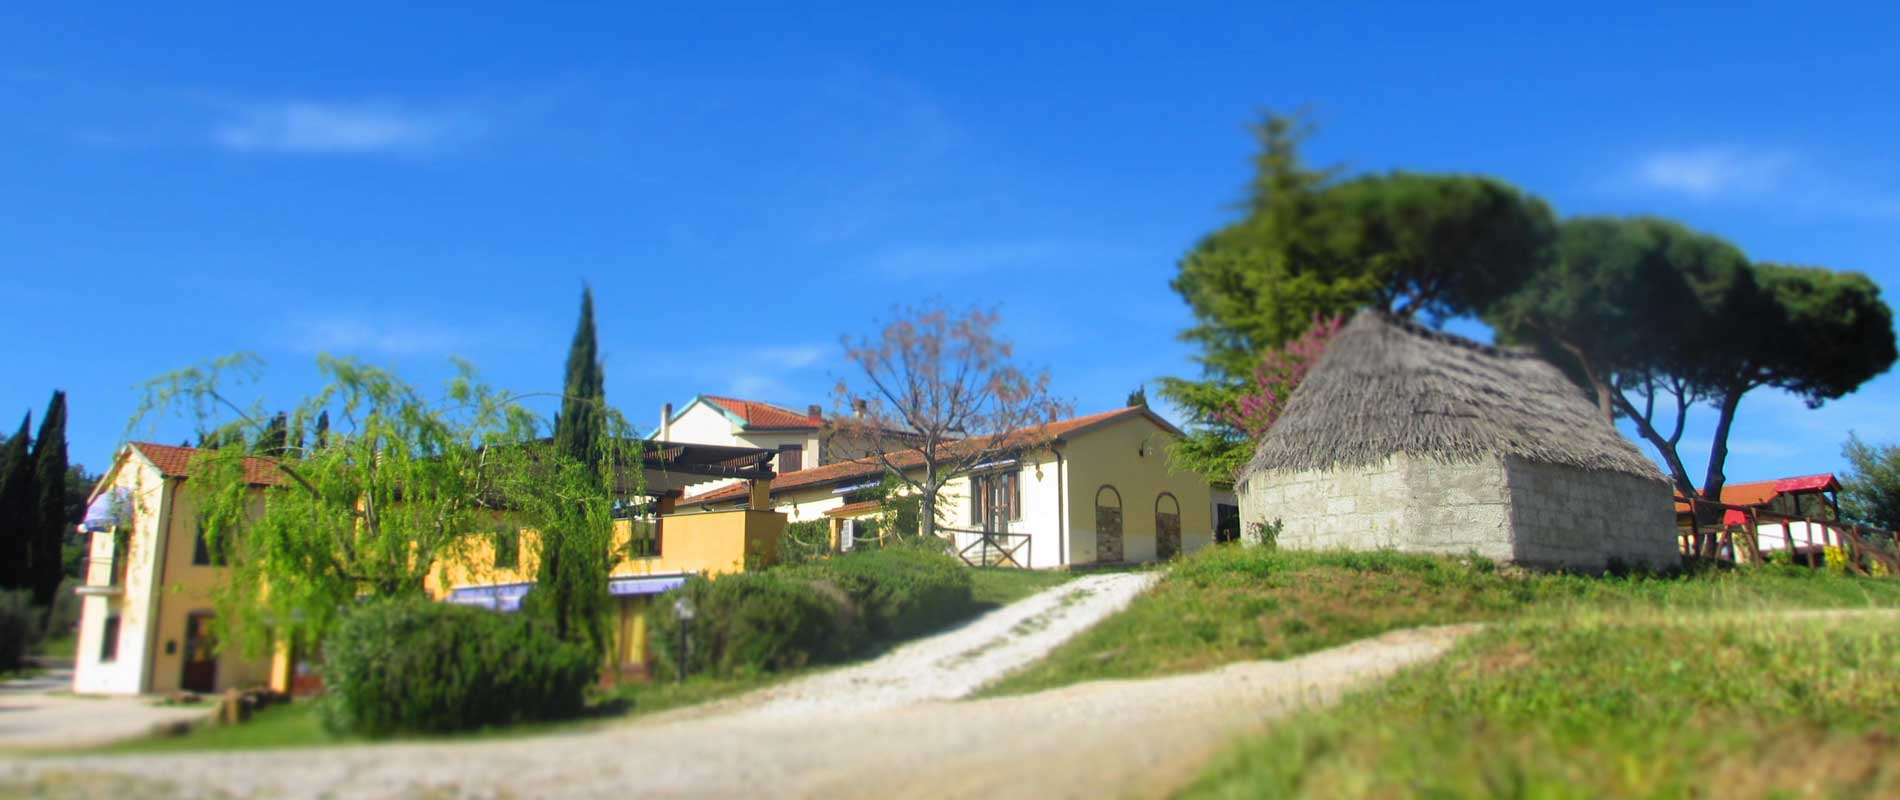 La Bulichella